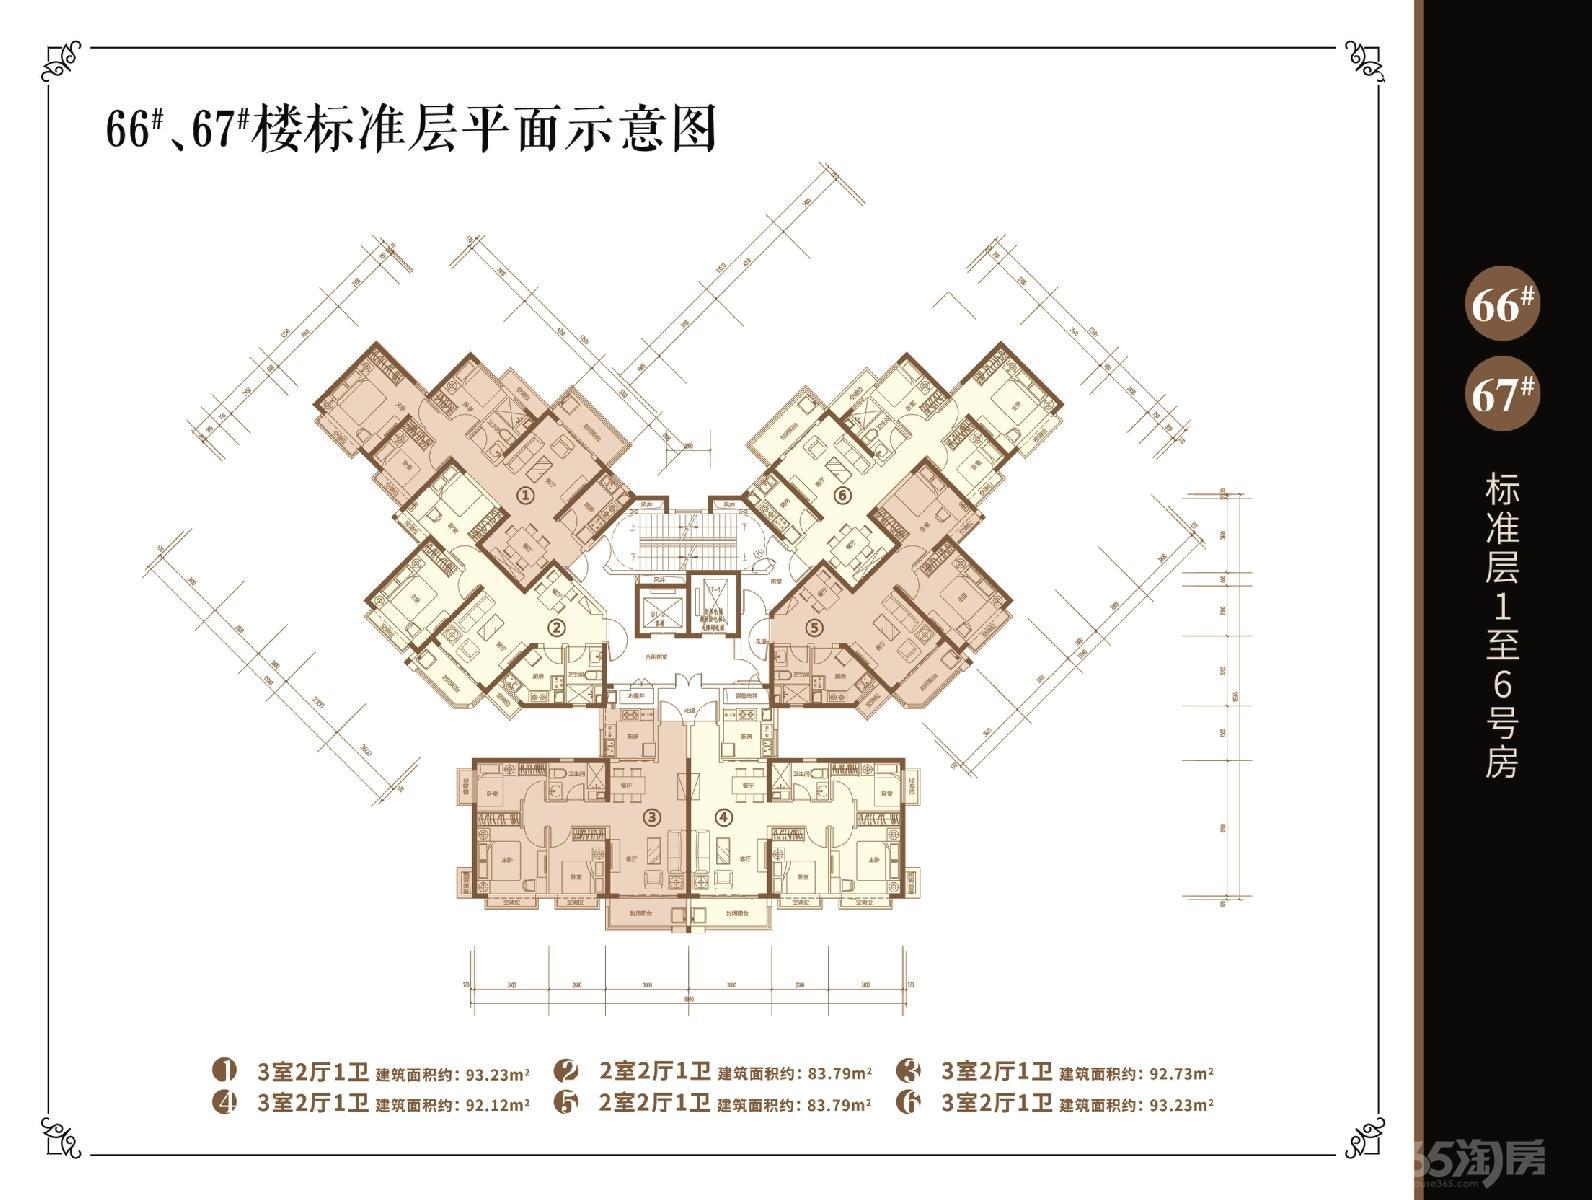 恒大绿洲二号院3室3厅2卫93平米方